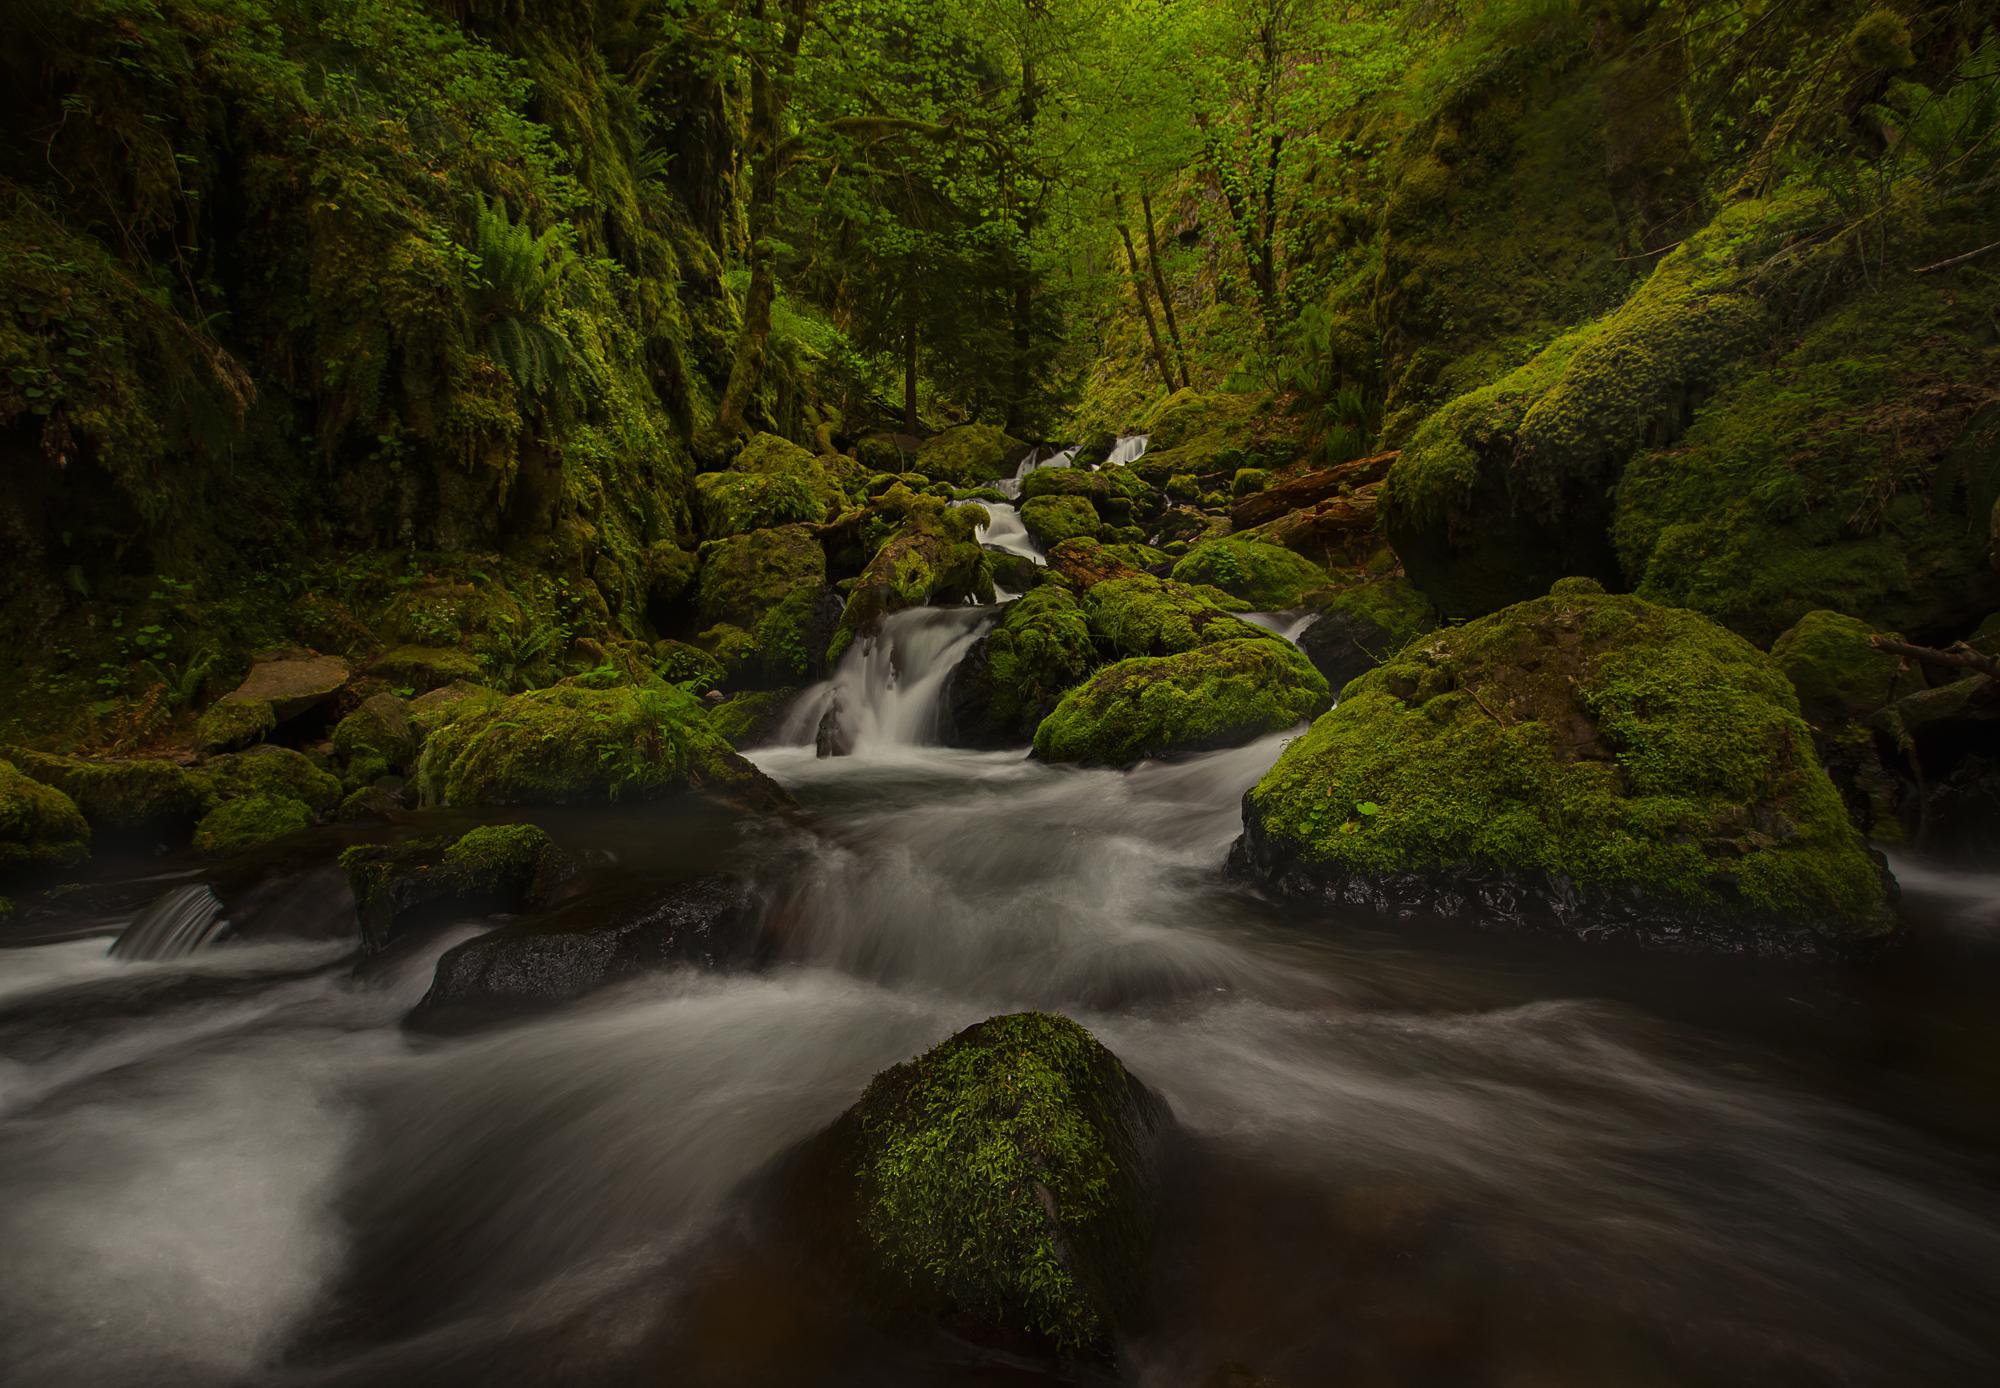 gorton creek cropped.jpg